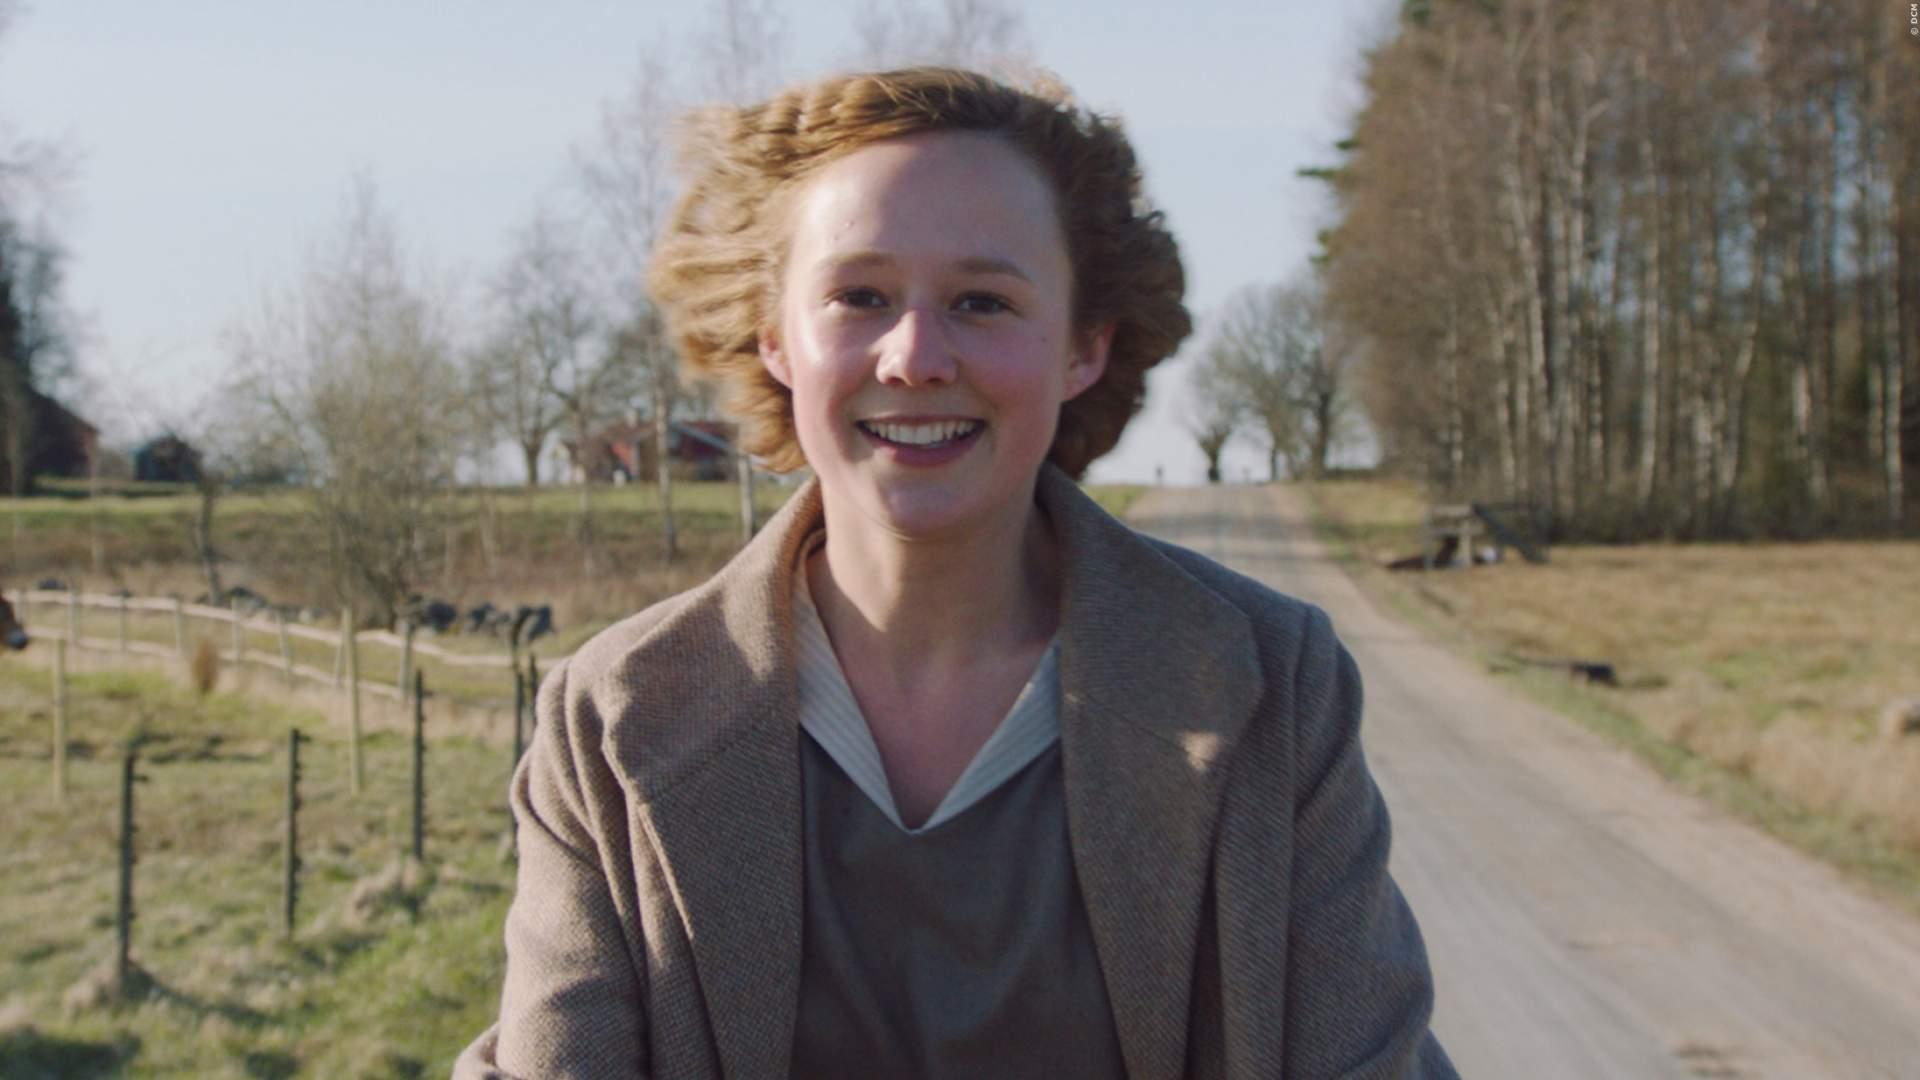 GUTE FILME: Starke Frauen und große Künstlerinnen - Unsere Top 6